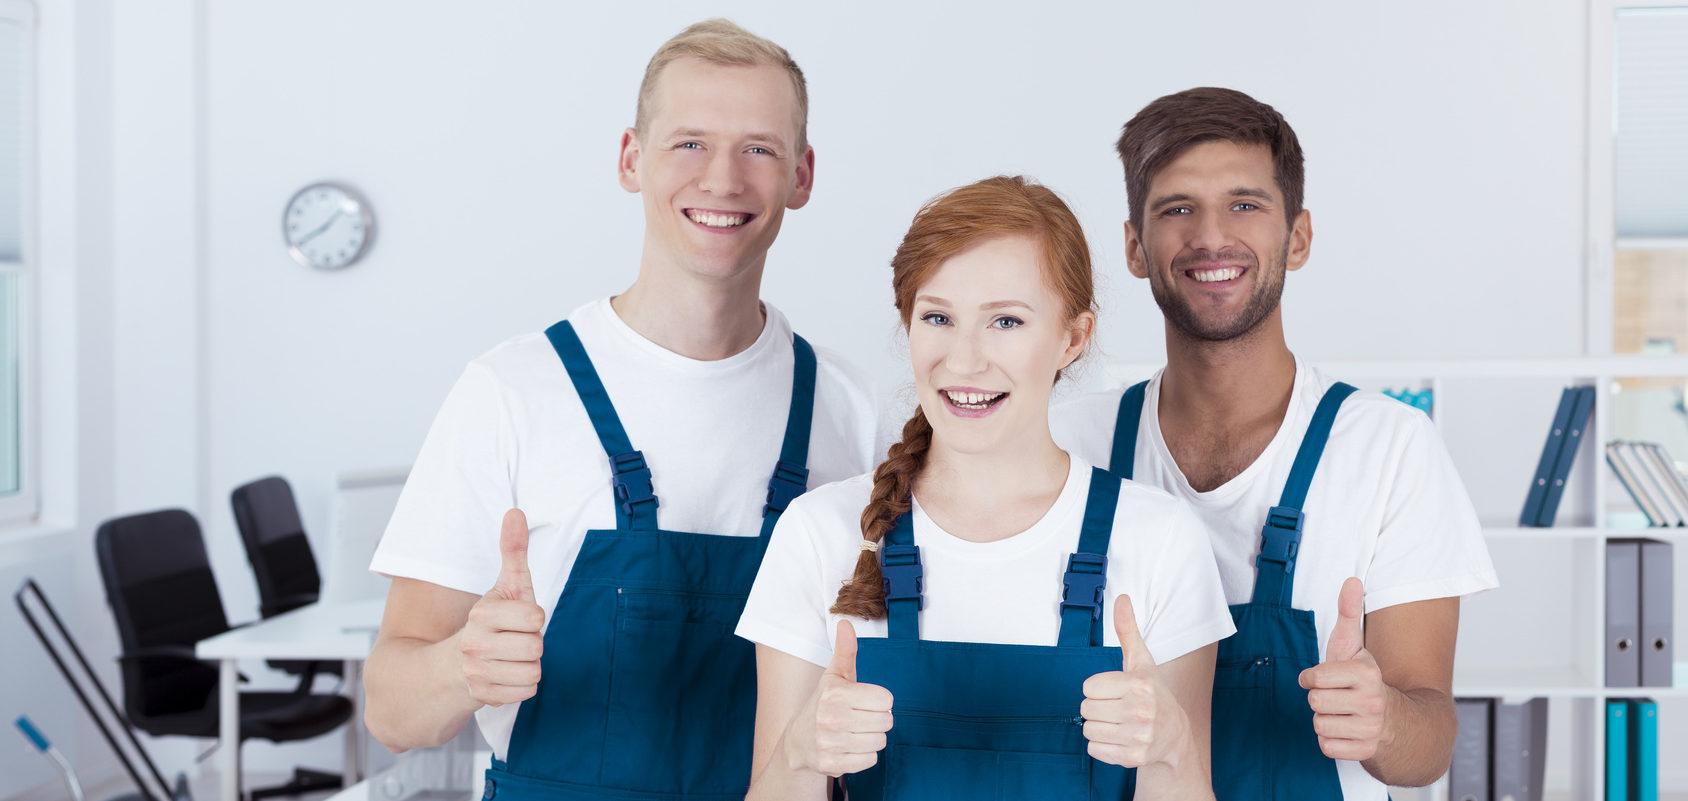 Ein glückliches Team der Ö&I Clean GmbH. Dank der Stellenangebote sind unsere Mitarbeiter allerbester Laune